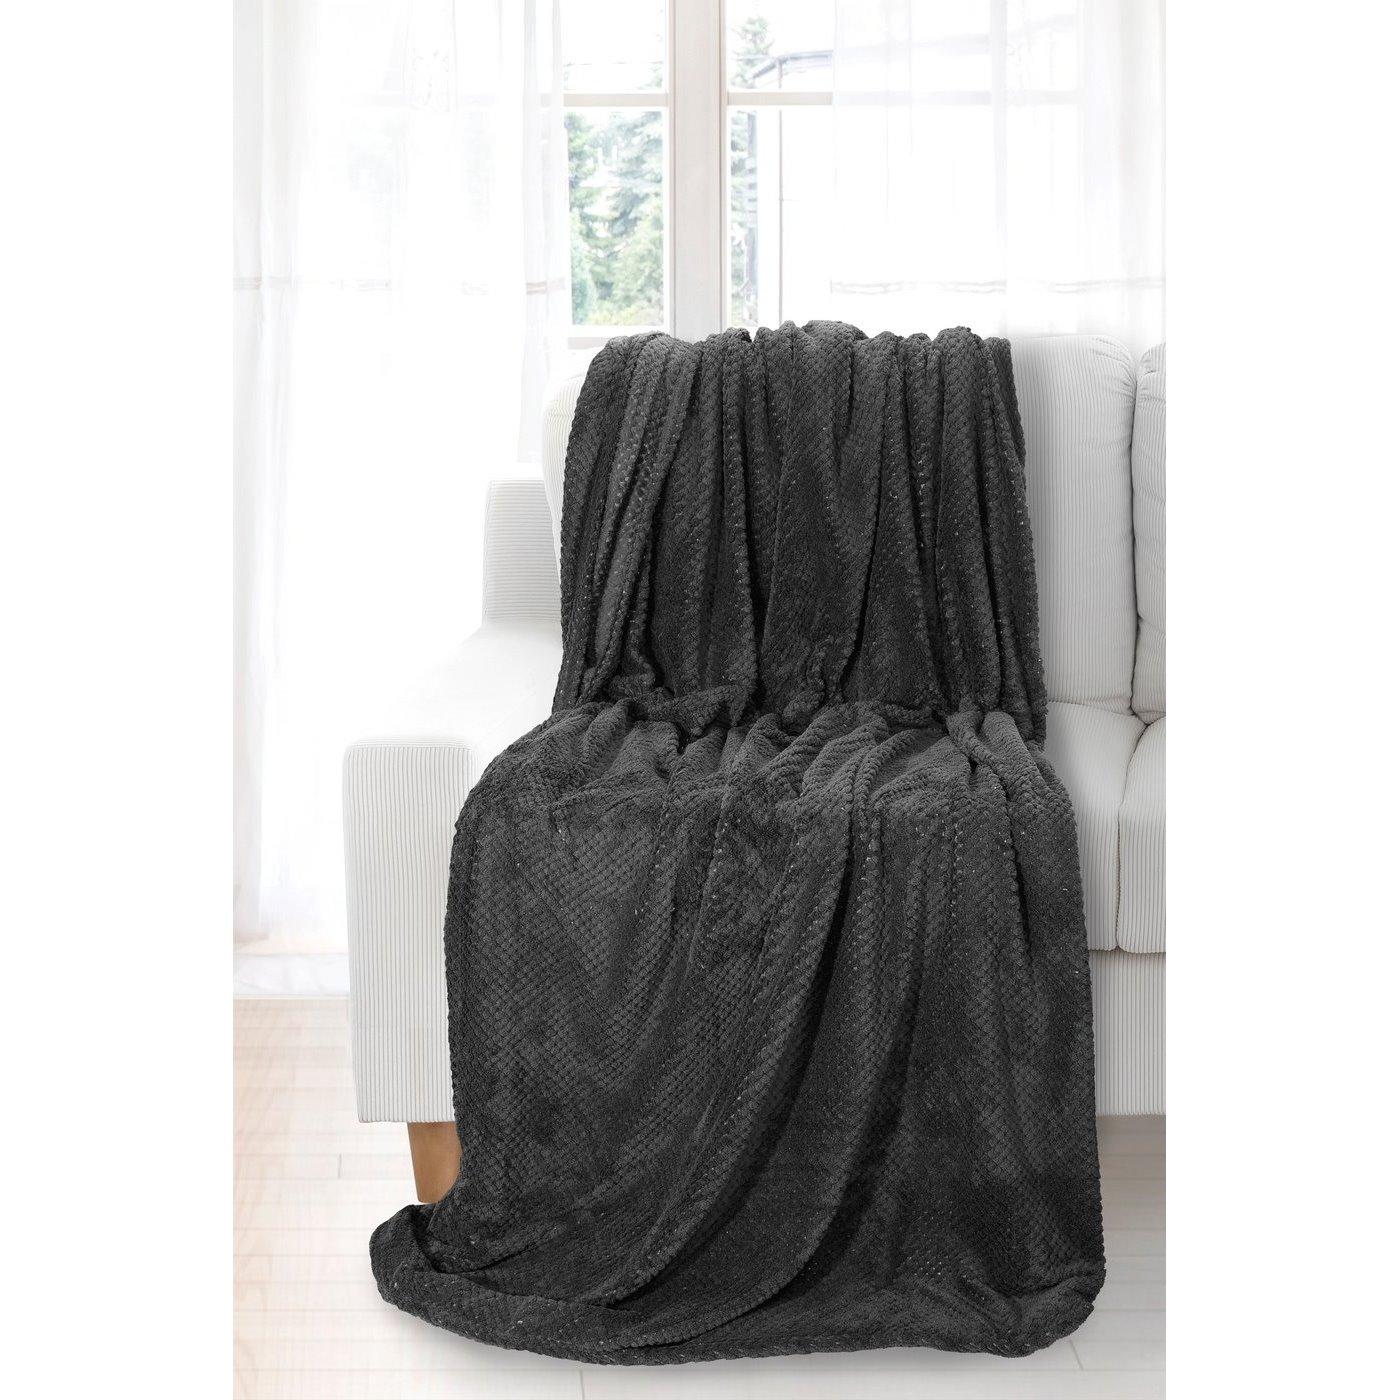 Koc miękki i puszysty jednokolorowy ciemnozielony 170x210cm